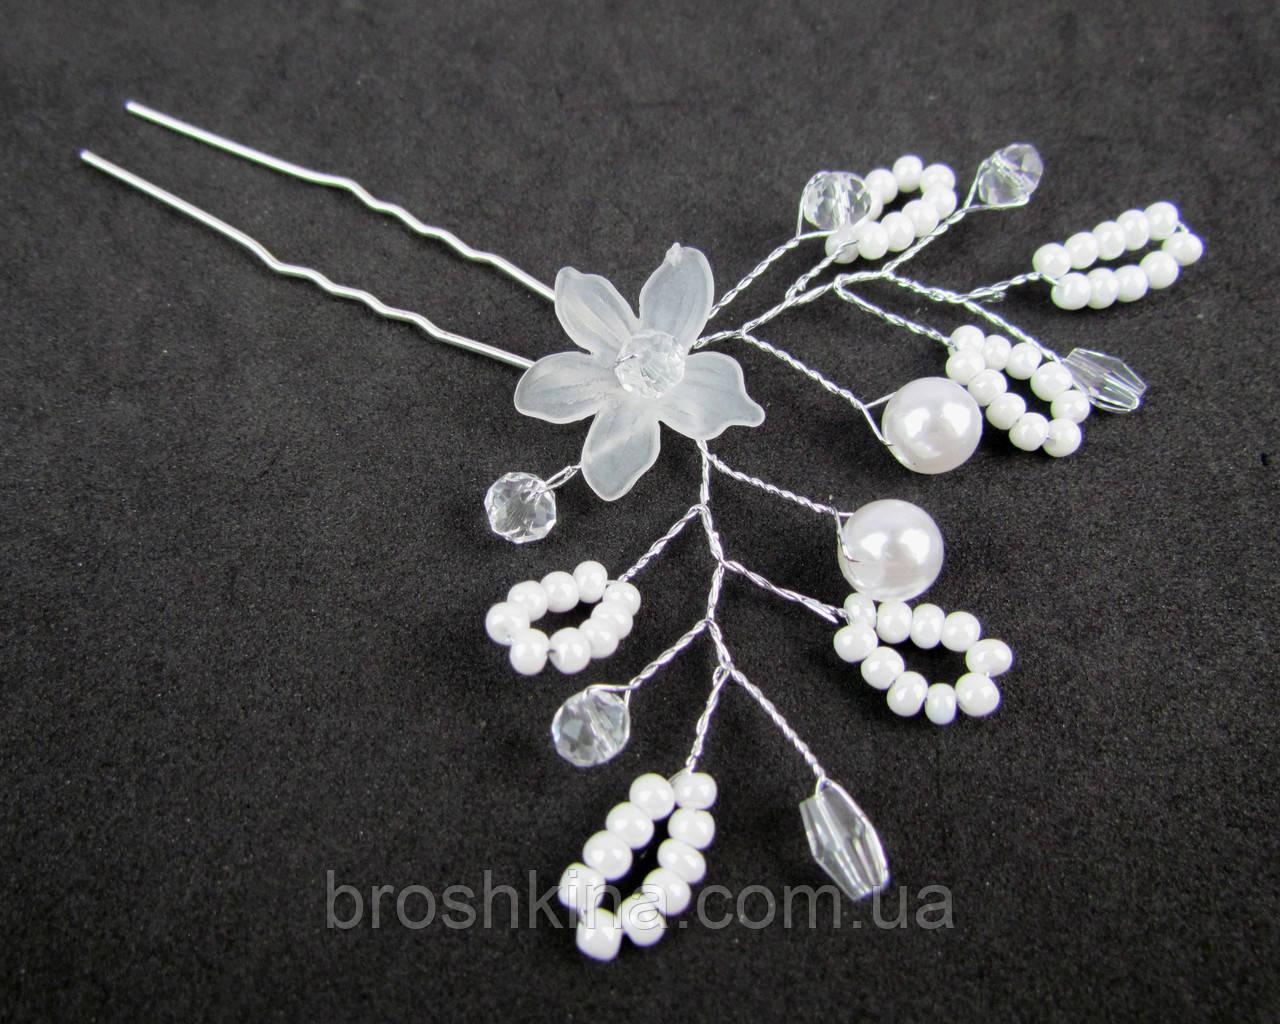 Свадебные шпильки для волос с жемчугом и кристаллами 12 шт/уп.